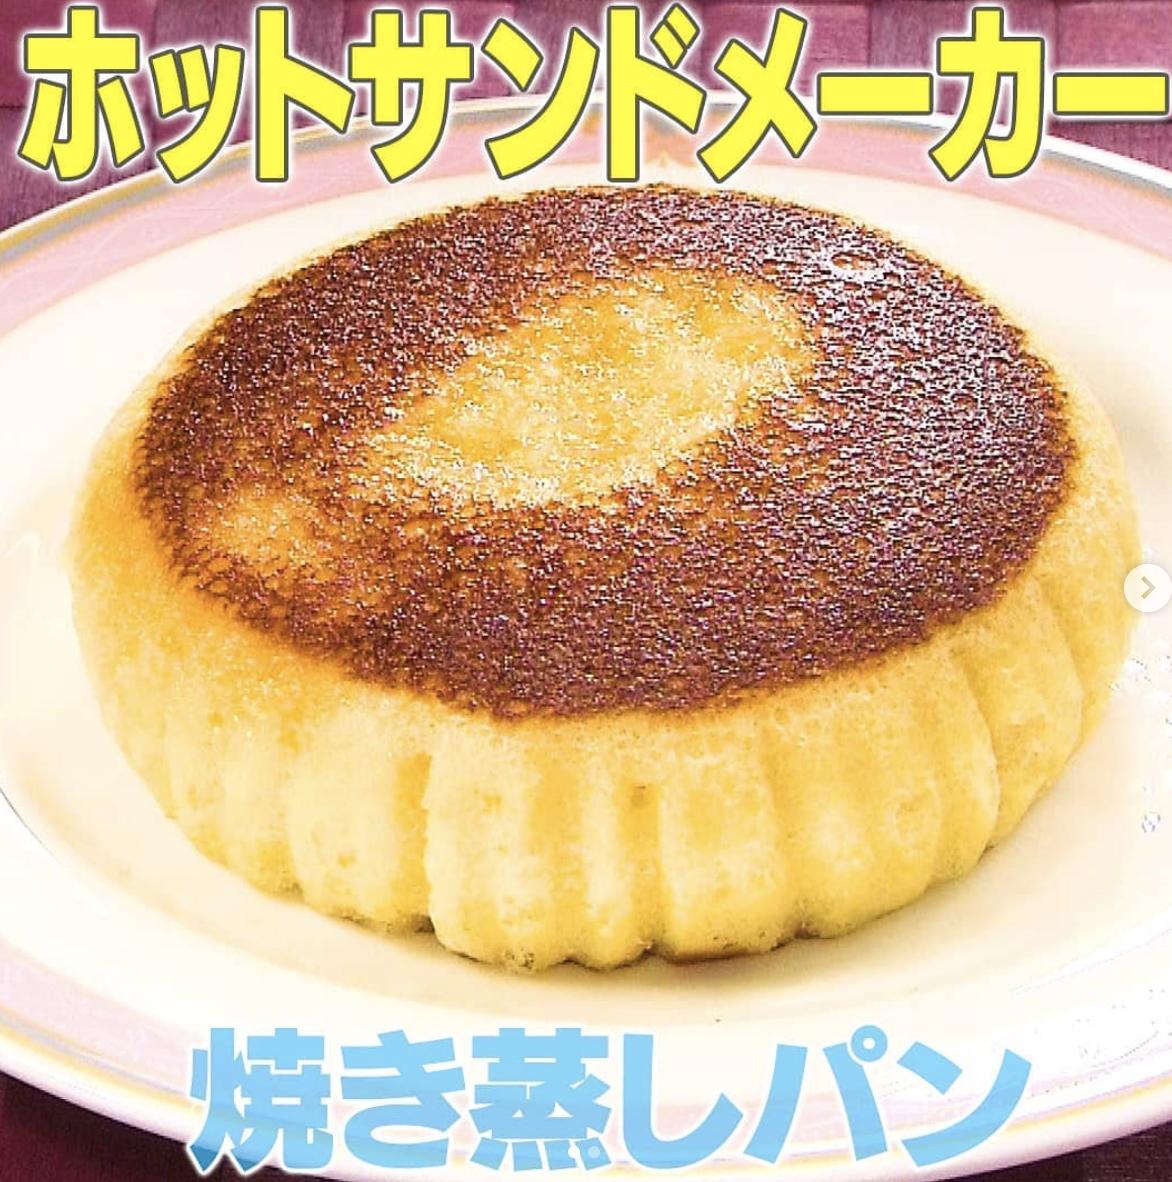 家事ヤロウのホットサンドメーカーレシピ「焼き蒸しパン」(2020年8月19日)